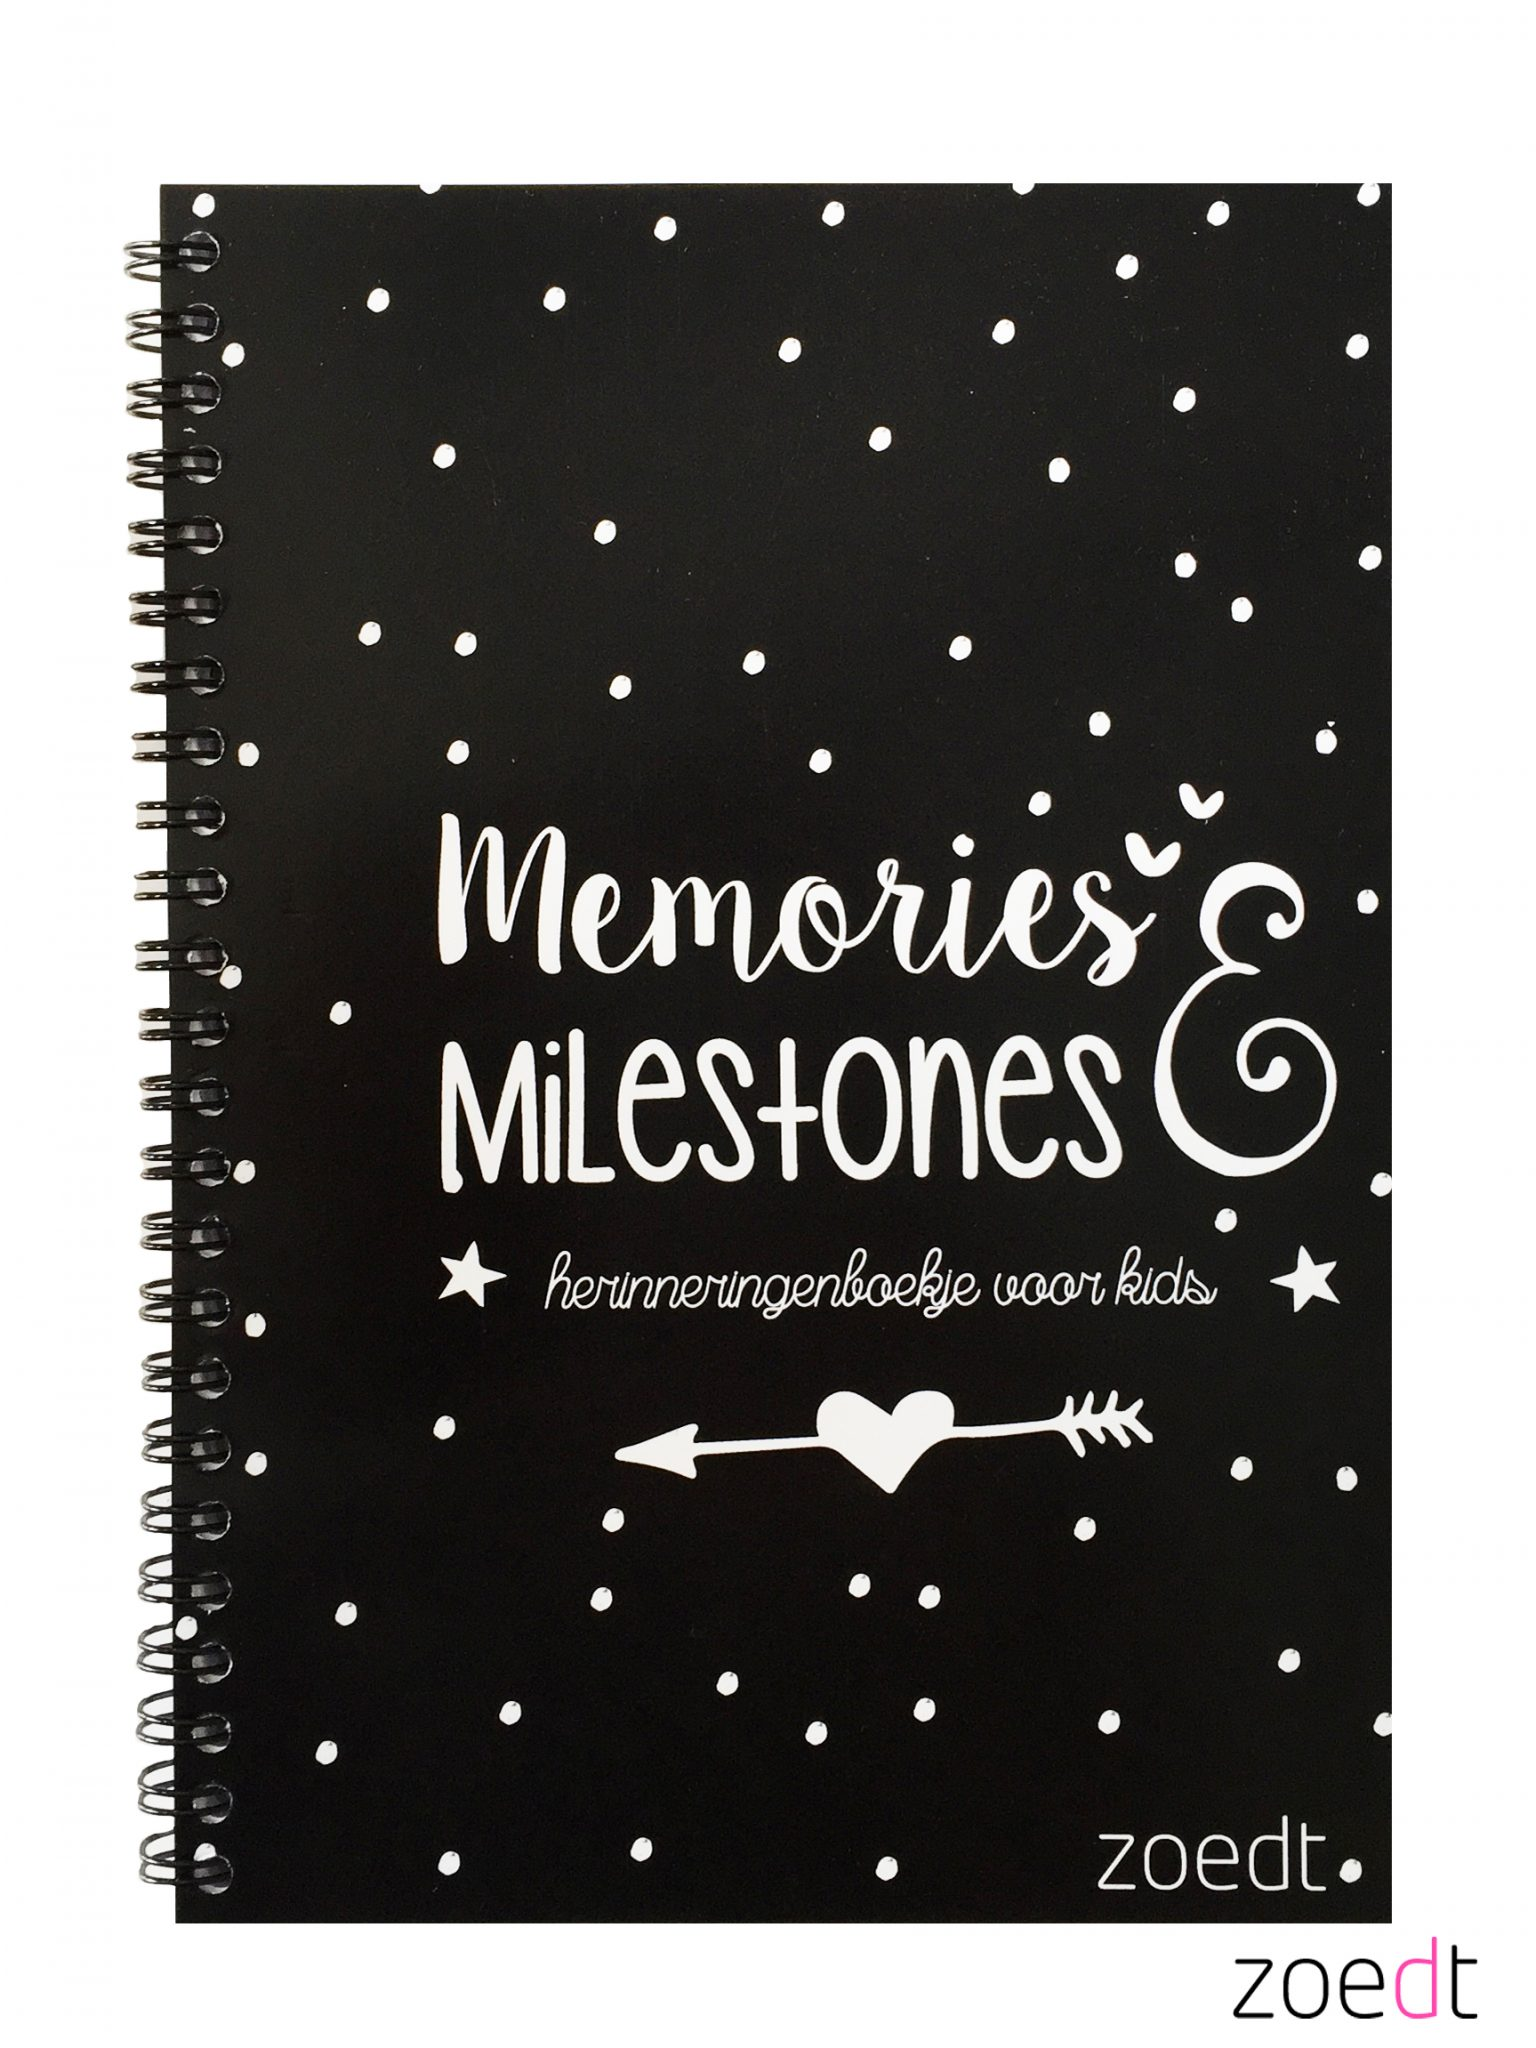 Memories en Milestones boekje van Zoedt -wonen en lifestyle webshop no28wonen